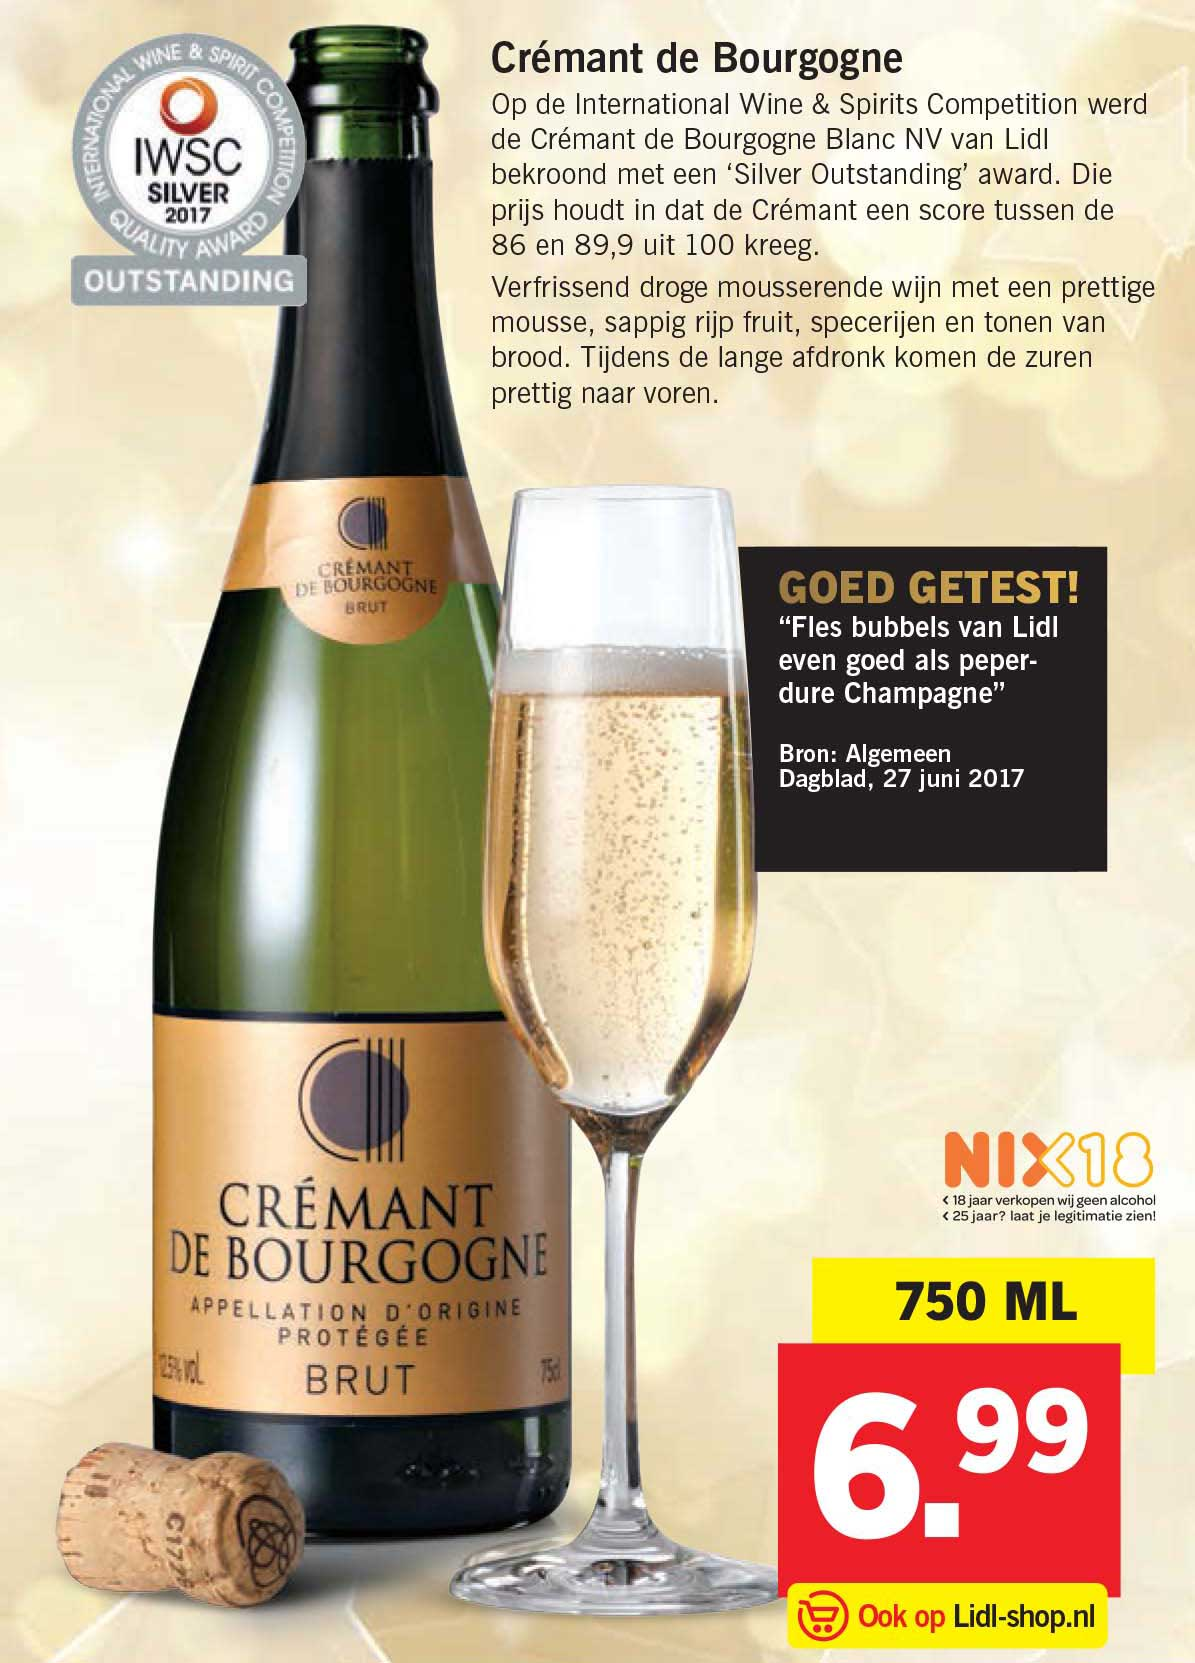 Lidl Cremant De Bourgogne